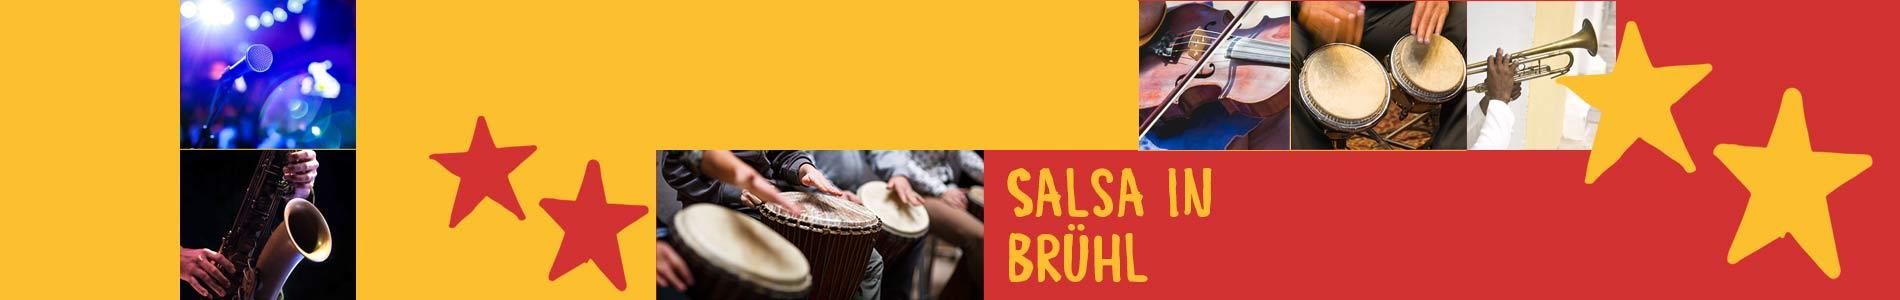 Salsa in Brühl – Salsa lernen und tanzen, Tanzkurse, Partys, Veranstaltungen